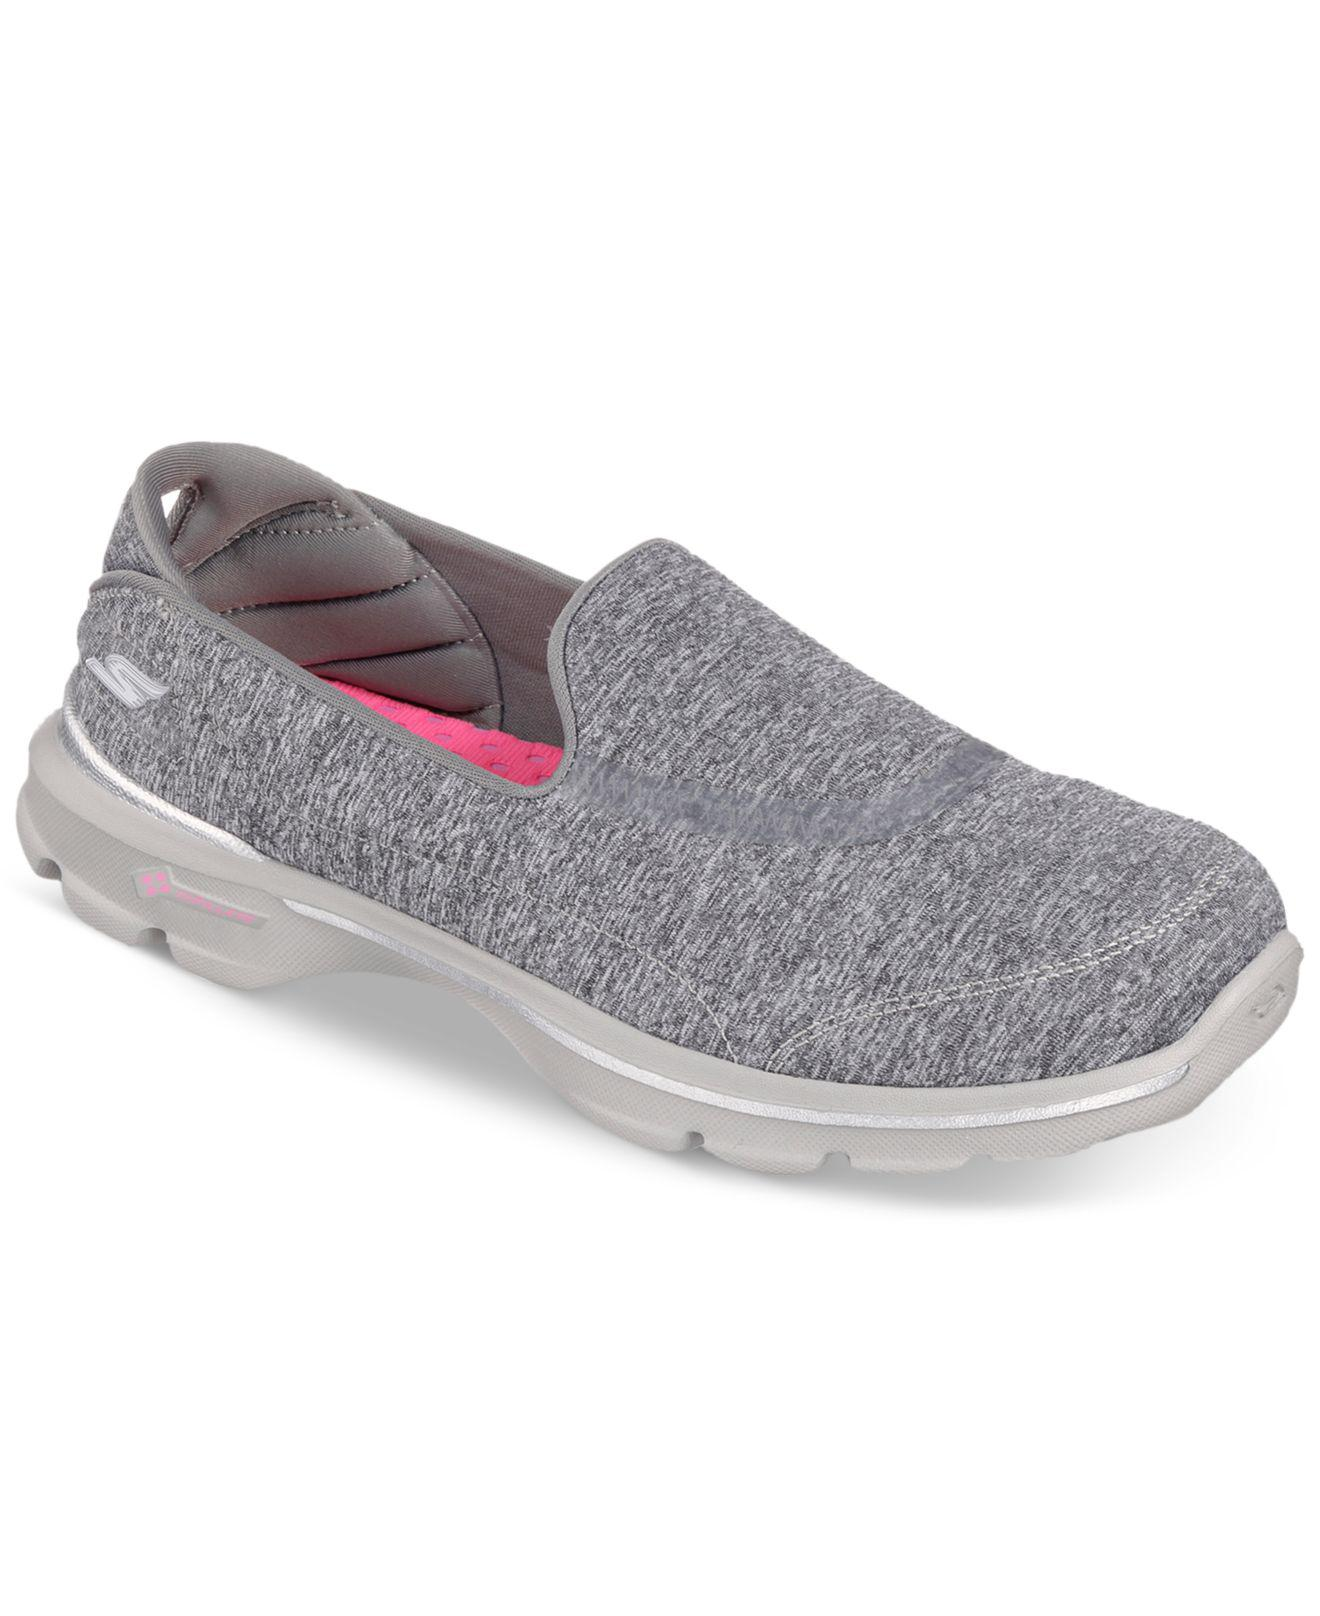 Skechers Go Walk 3 Balance, Women's Low Top Sneakers Grey